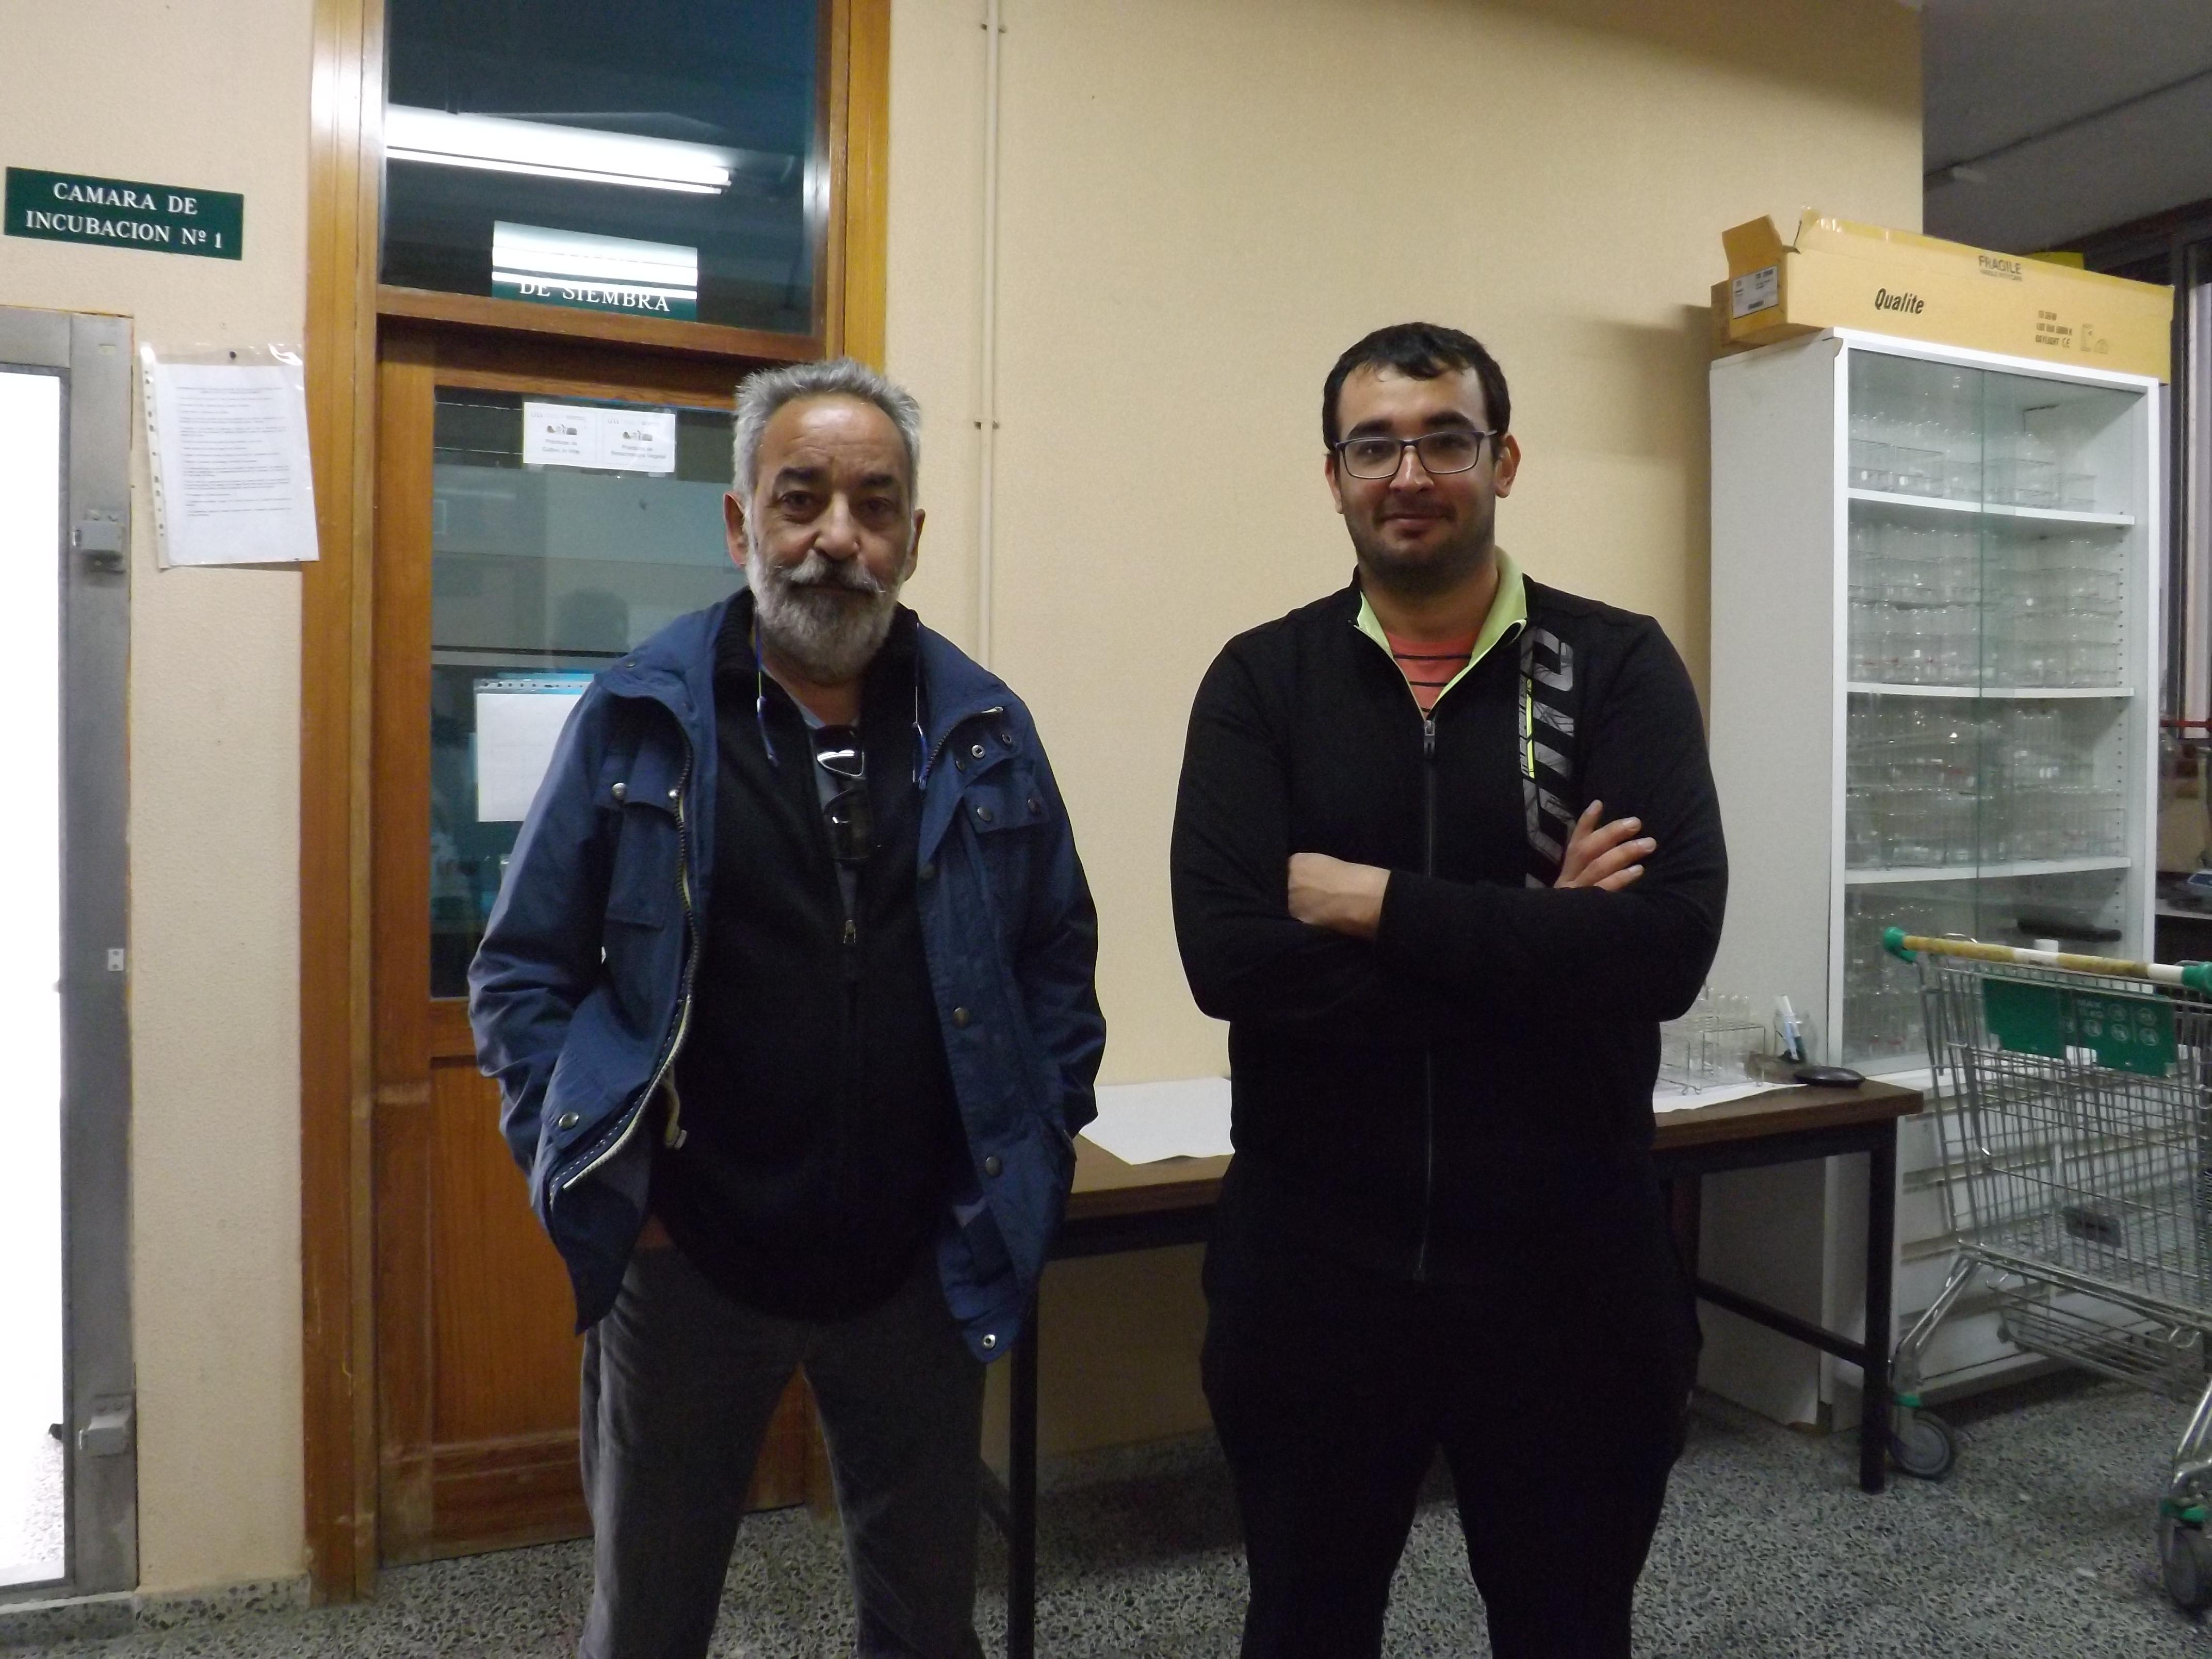 Francisco Valdés González (izquierda) y David Jiménez Arias (derecha), doctores en Biología.